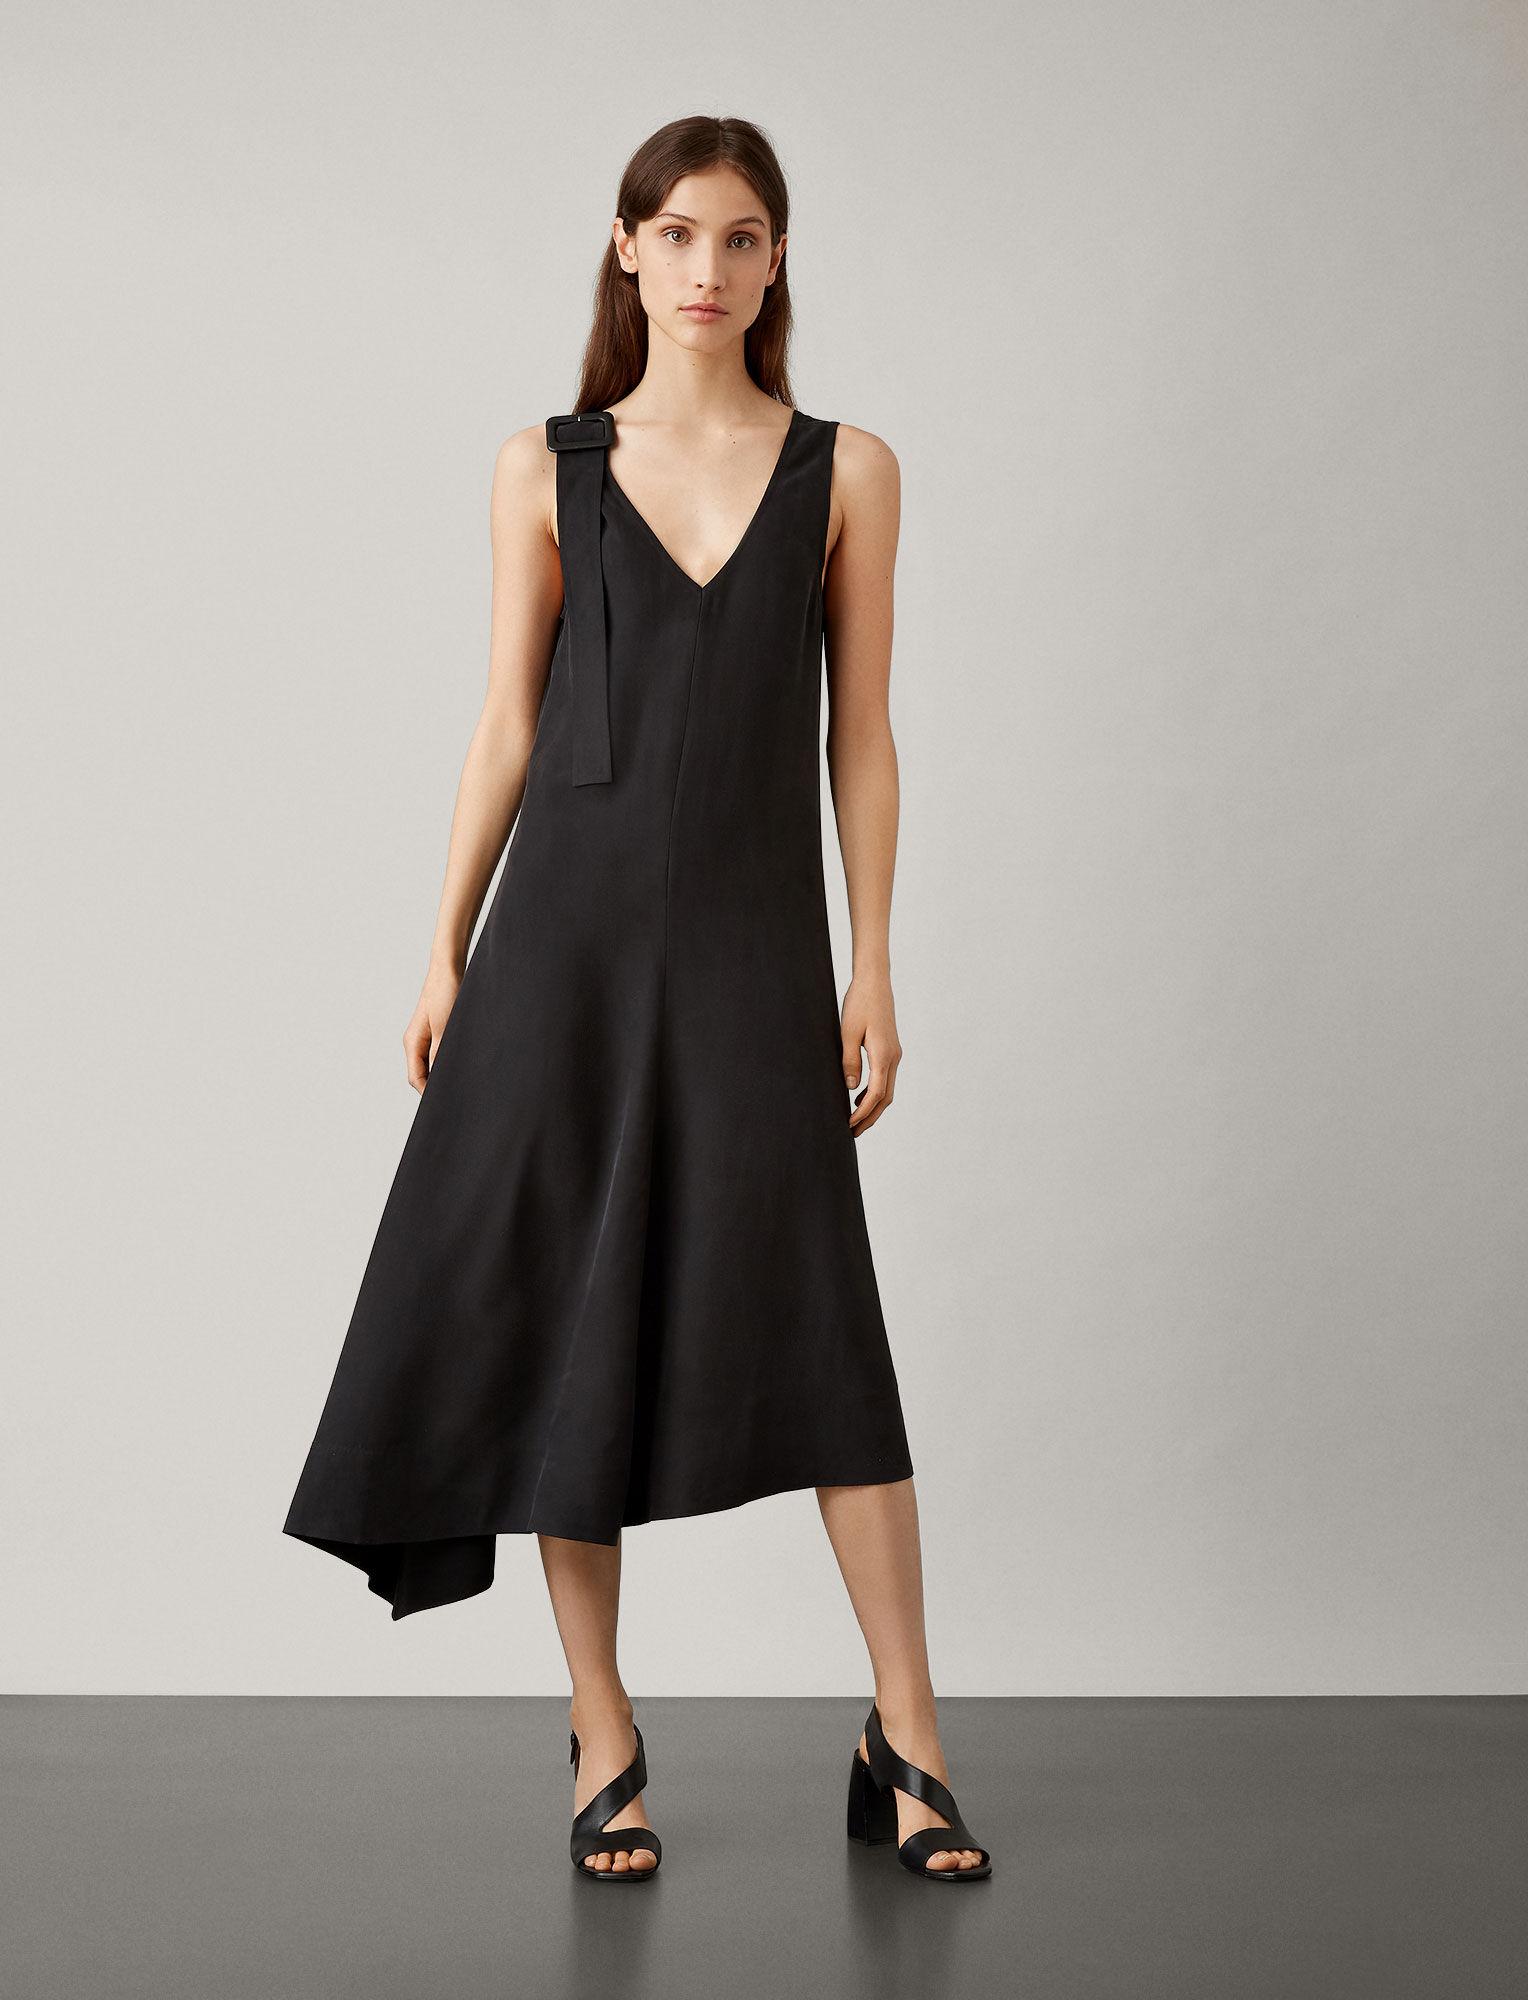 Sort of Formal Dresses